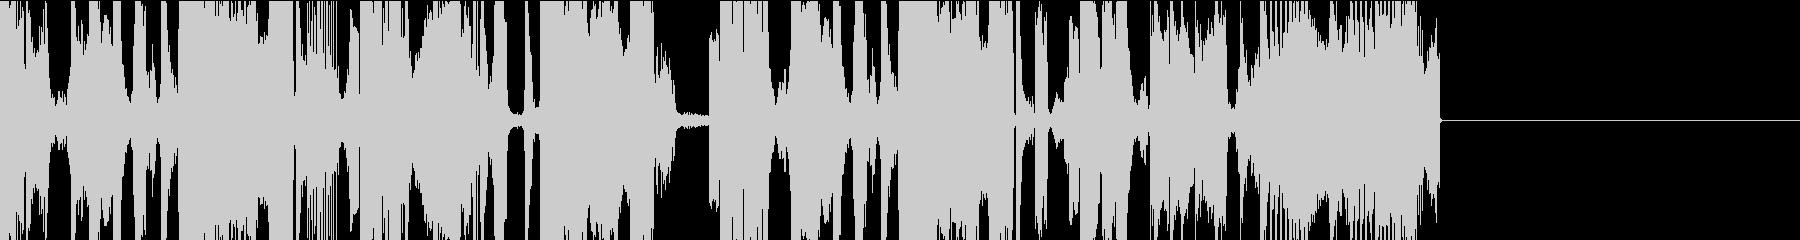 【短めのアバンに】短めのグリッチホップの未再生の波形